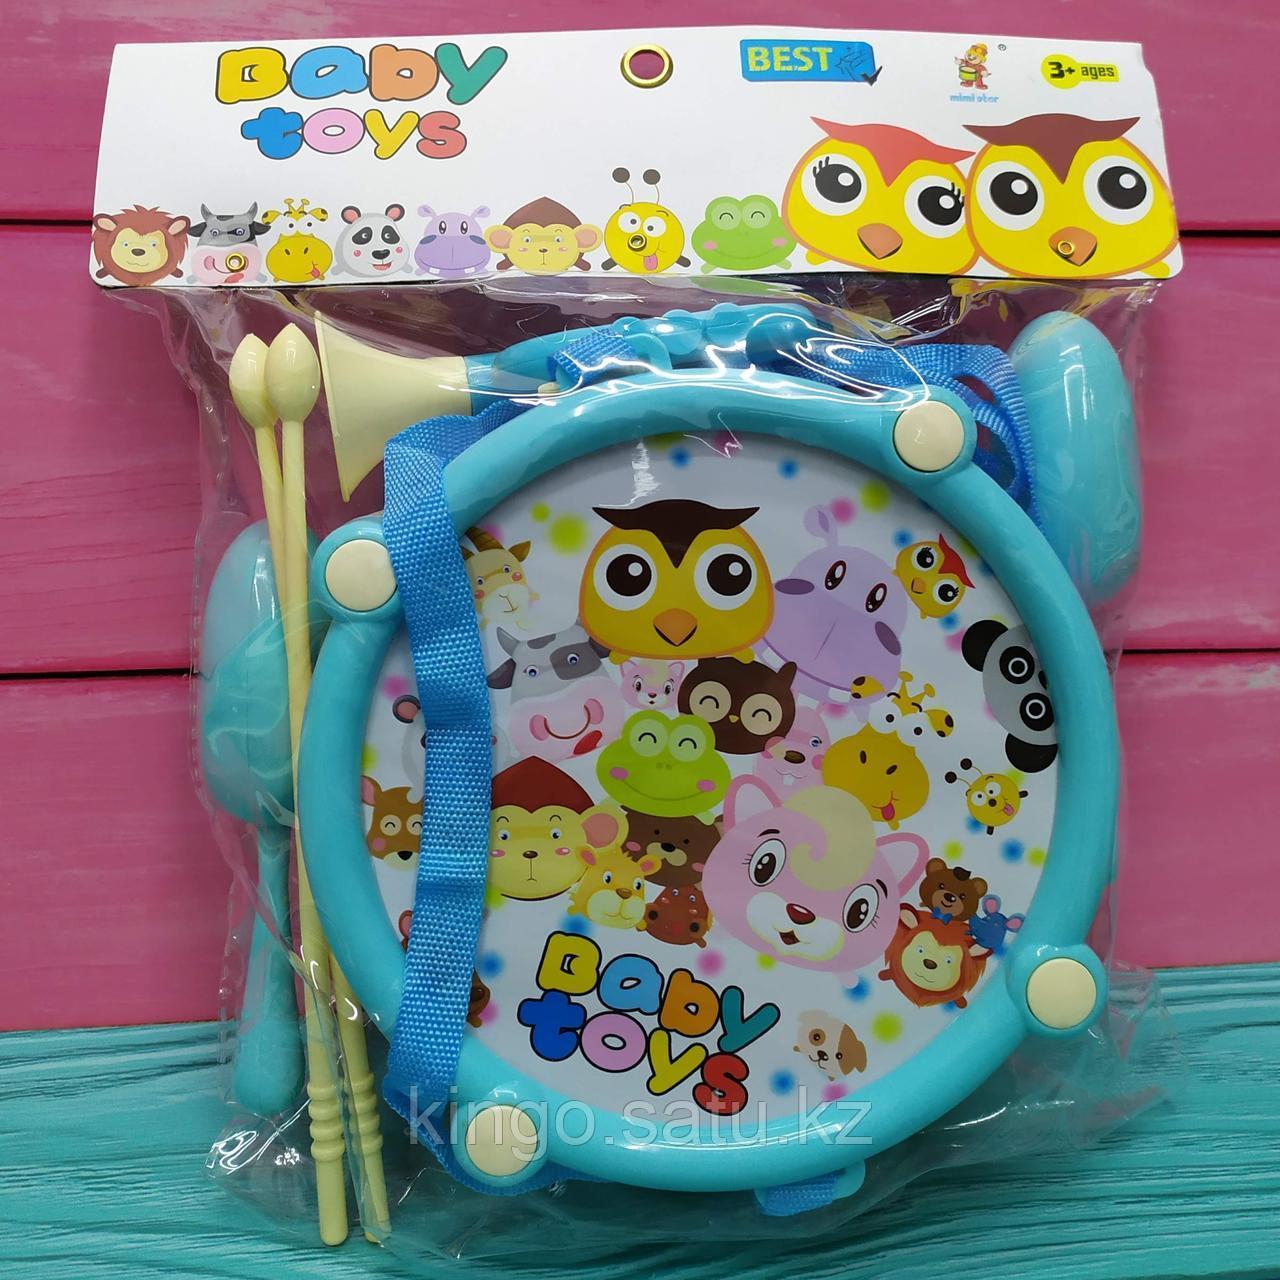 Набор детских музыкальных инструментов - барабан, маракас, флейта